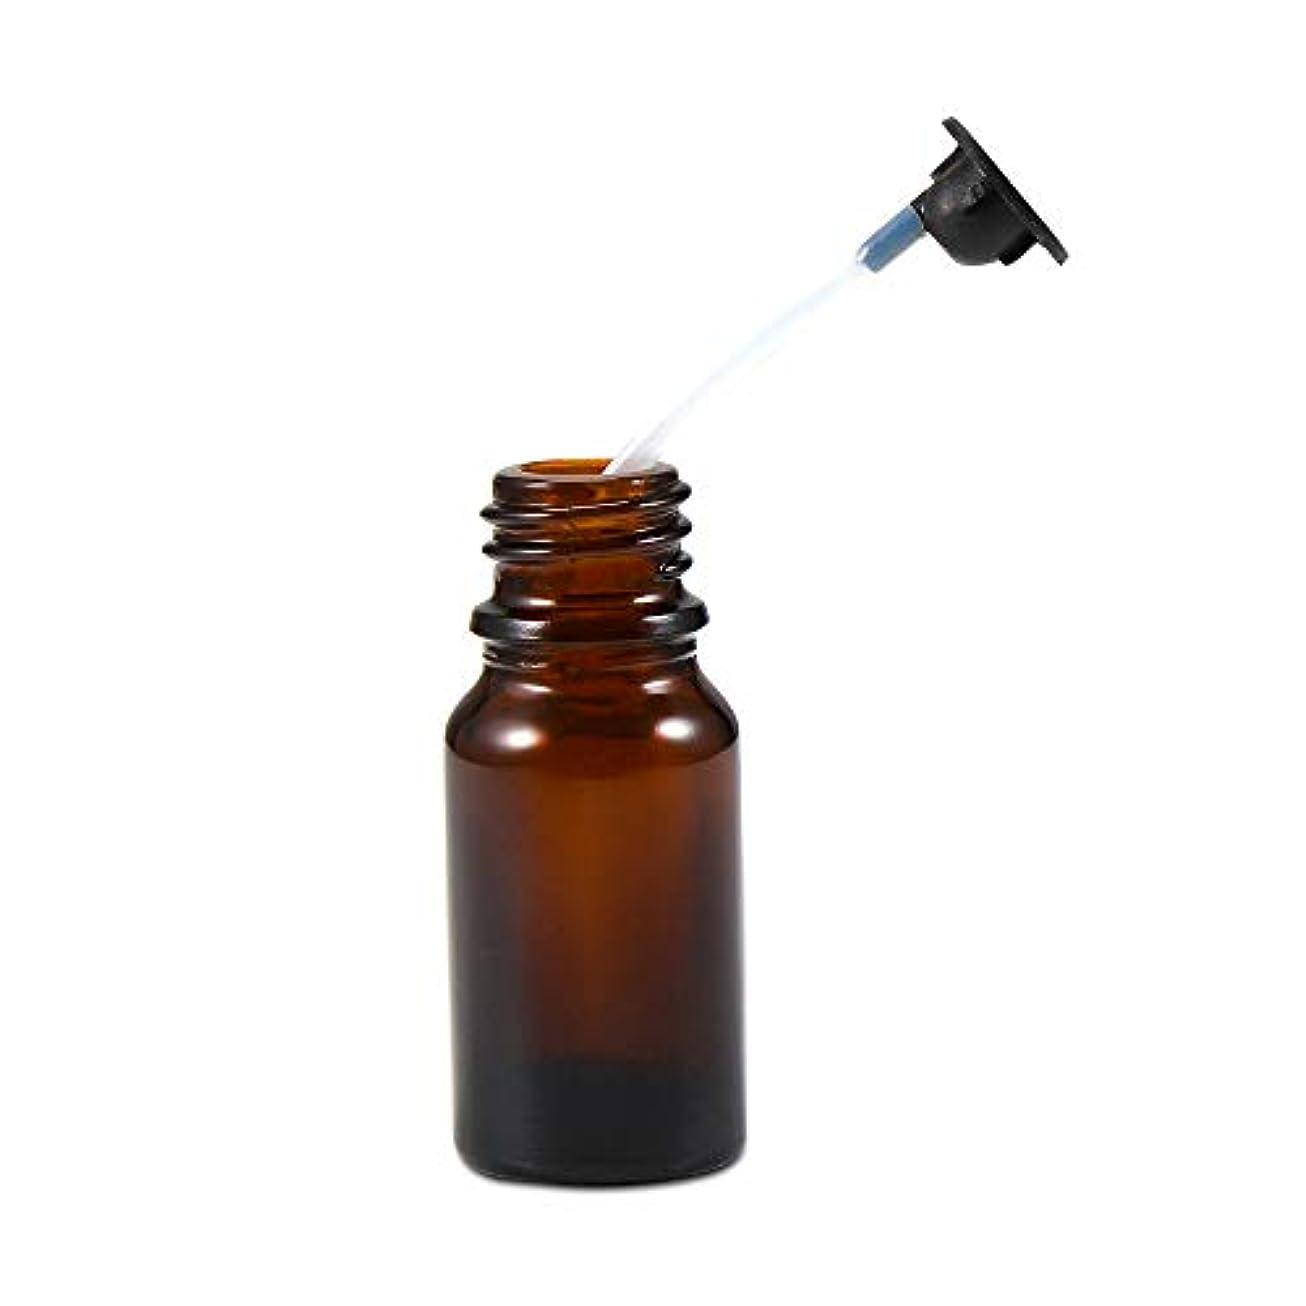 キウイ主権者電話をかけるCaseceo エッセンシャルオイル ボトルとノズル 交換用 アクセサリー 数量1